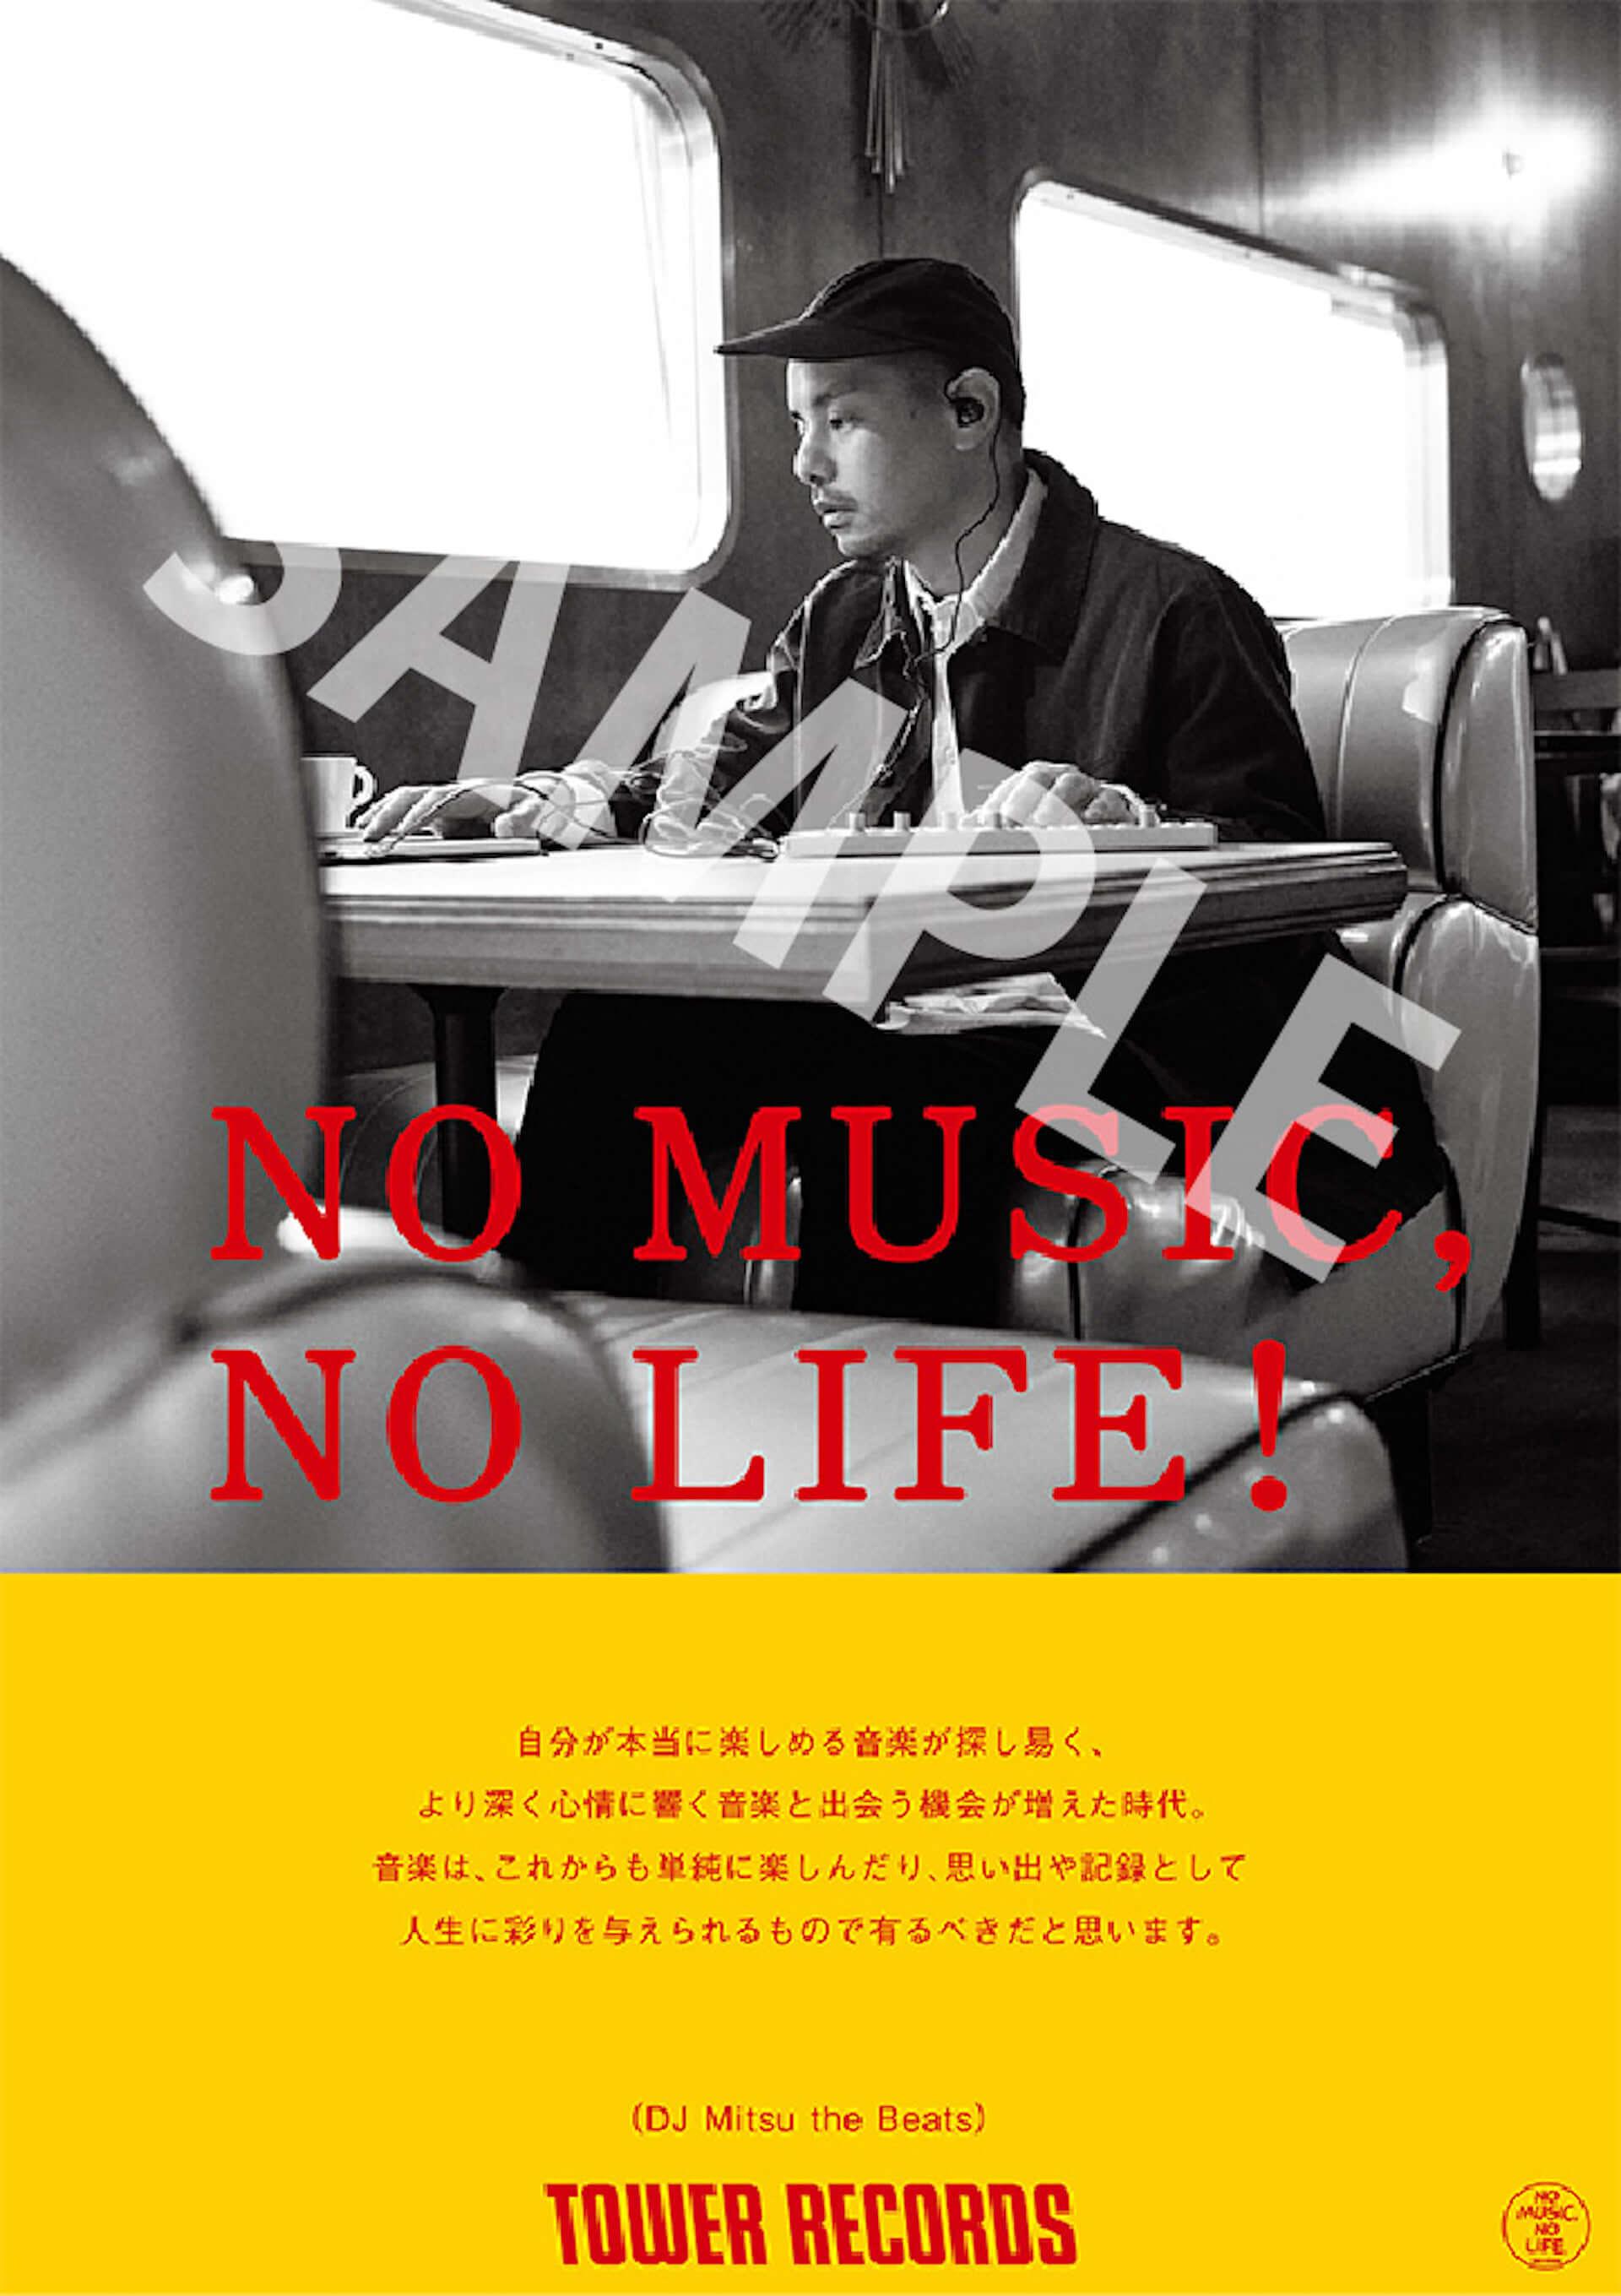 タワーレコード「NO MUSIC, NO LIFE.」ポスターシリーズにNujabesとDJ Mitsu the Beatsが初登場|ポスターの先着プレゼントも決定 music200212_nomusicnolife_4-1920x2719